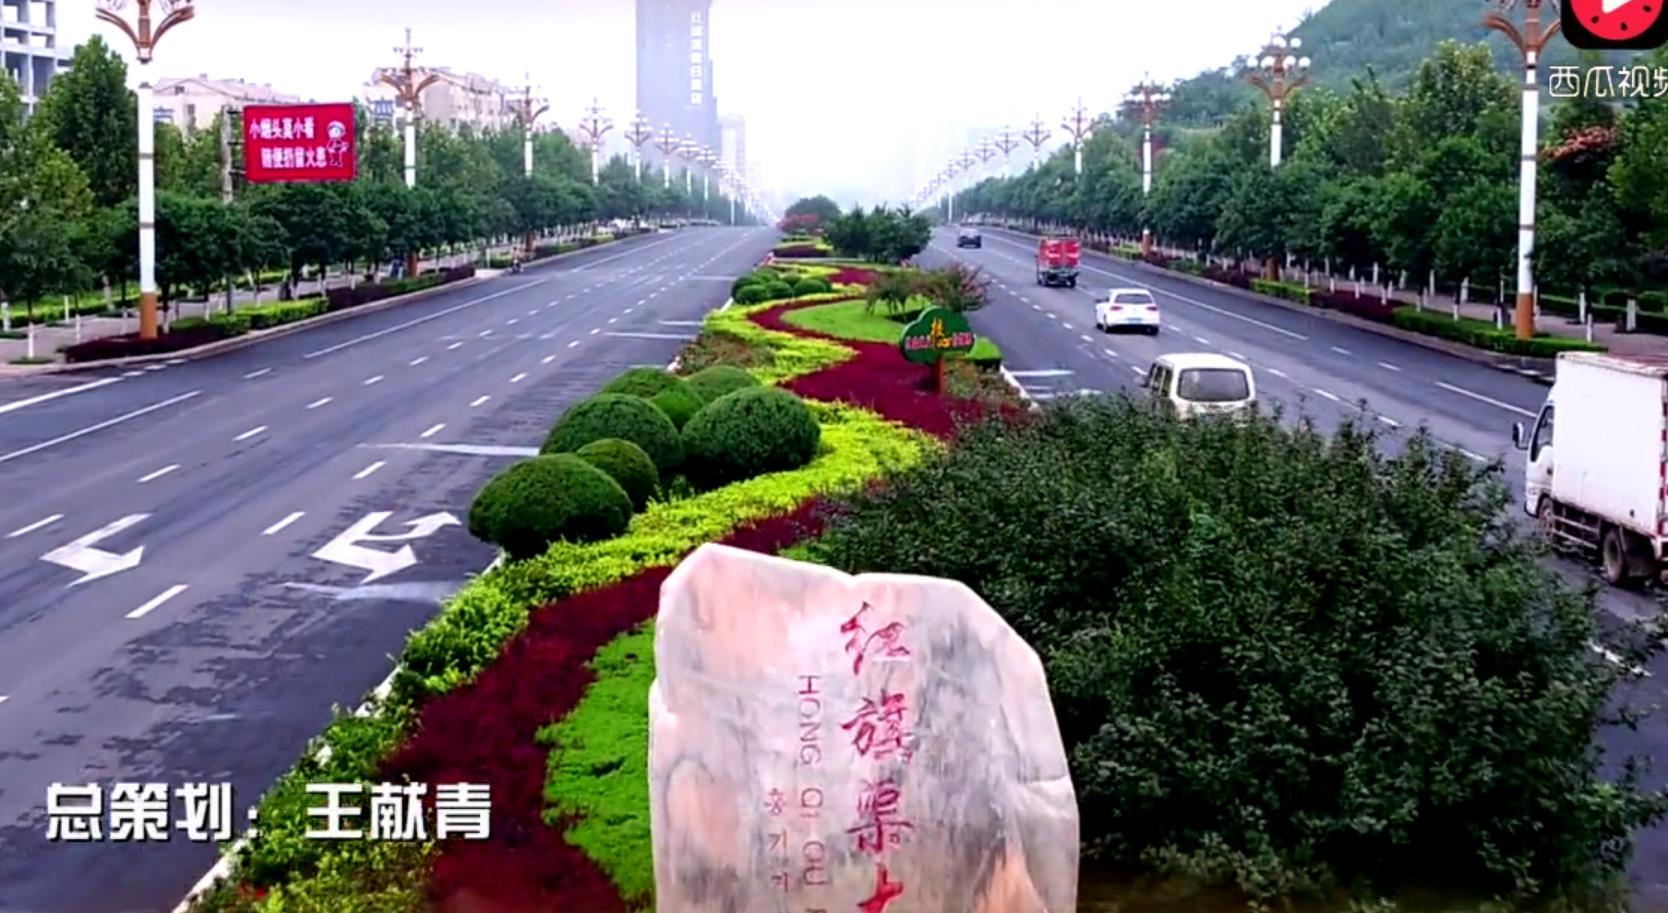 林州:《携手扮靓文明城MV》这群人告诉你 这座城有多美 (3630播放)